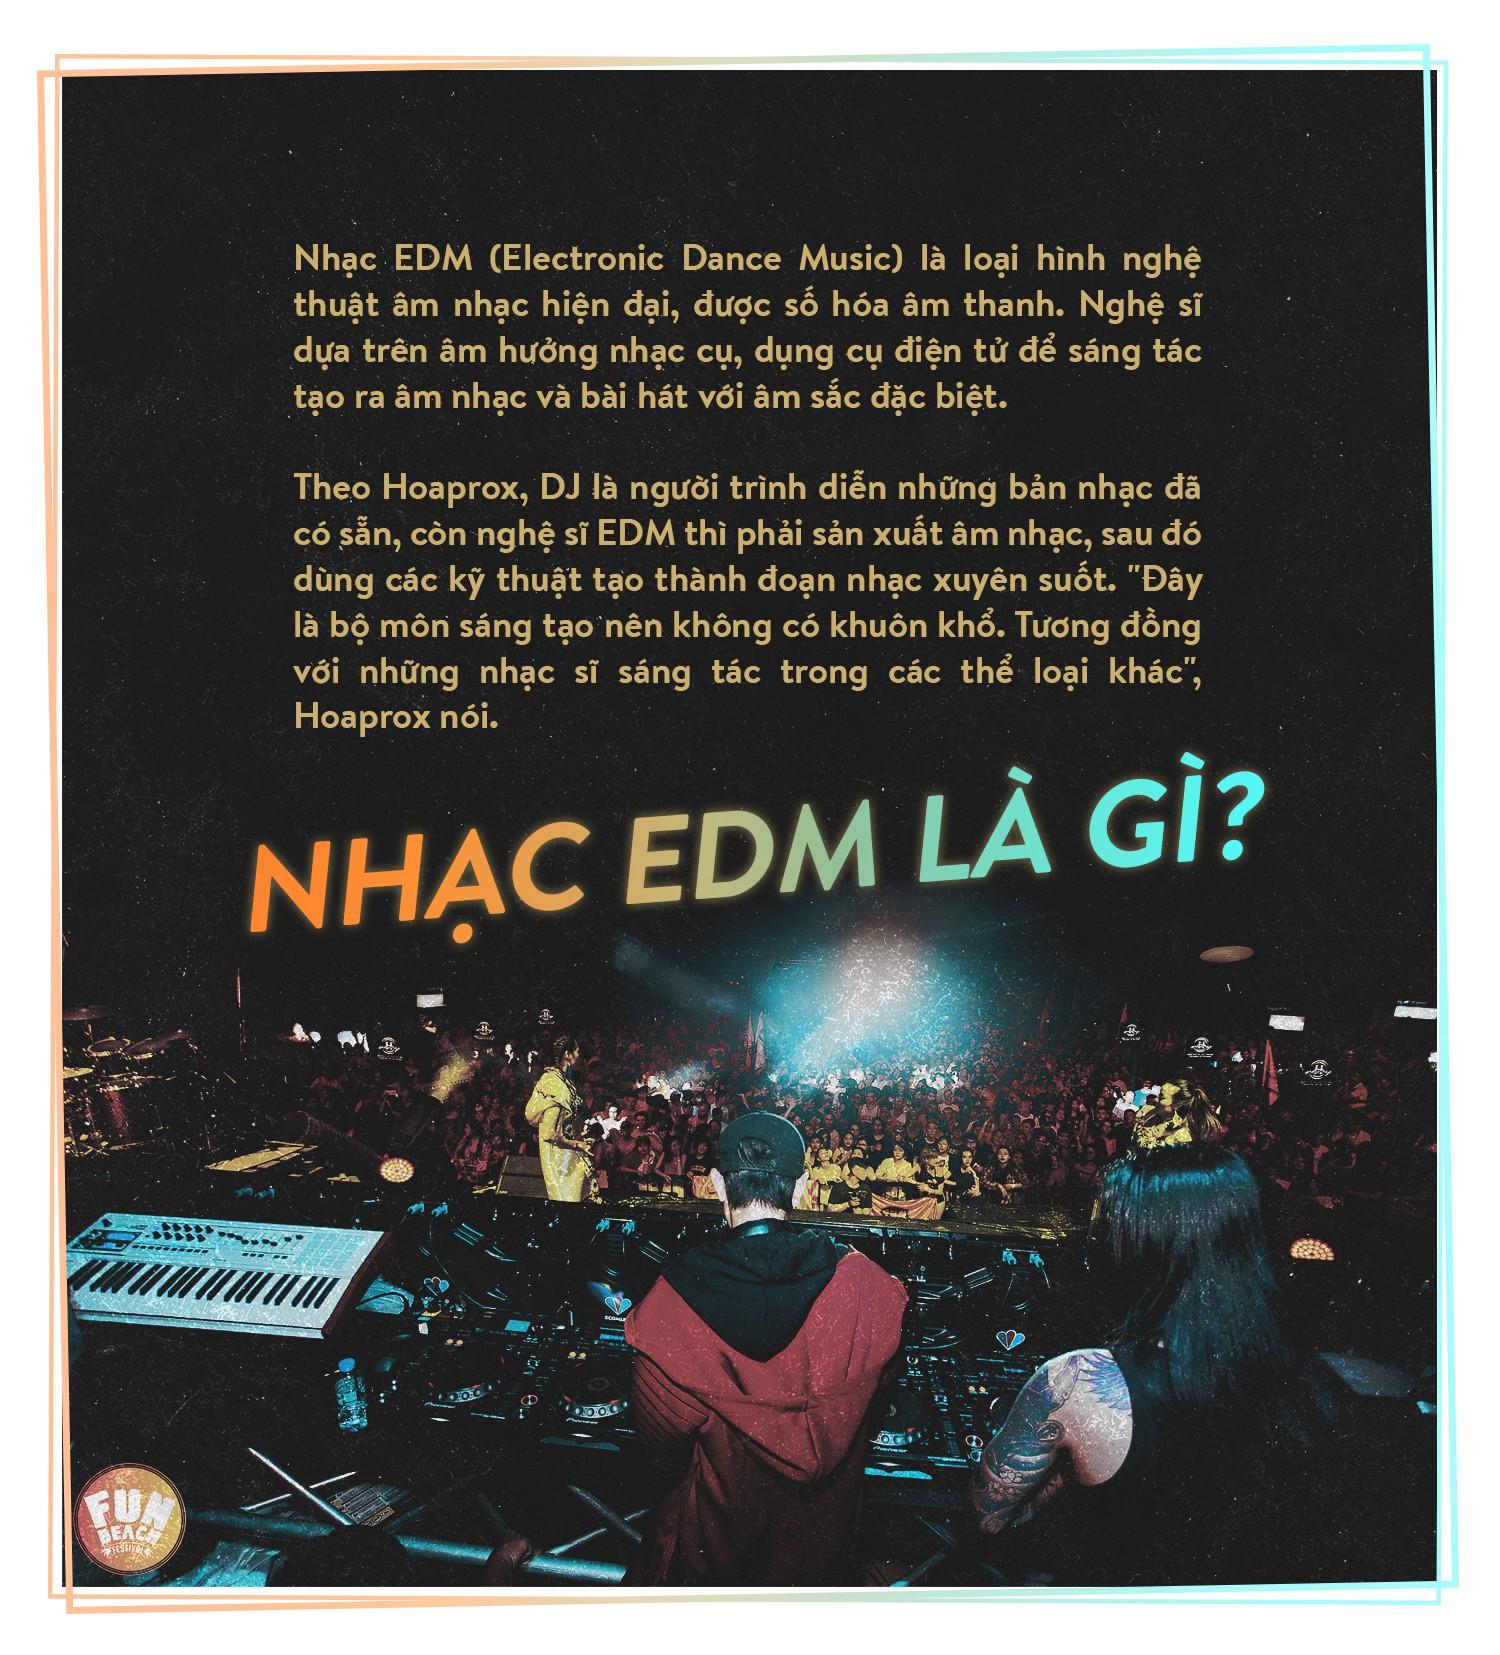 Hoaprox - người đưa nhạc điện tử Việt Nam vào xếp hạng EDM Châu Á - Ảnh 30.